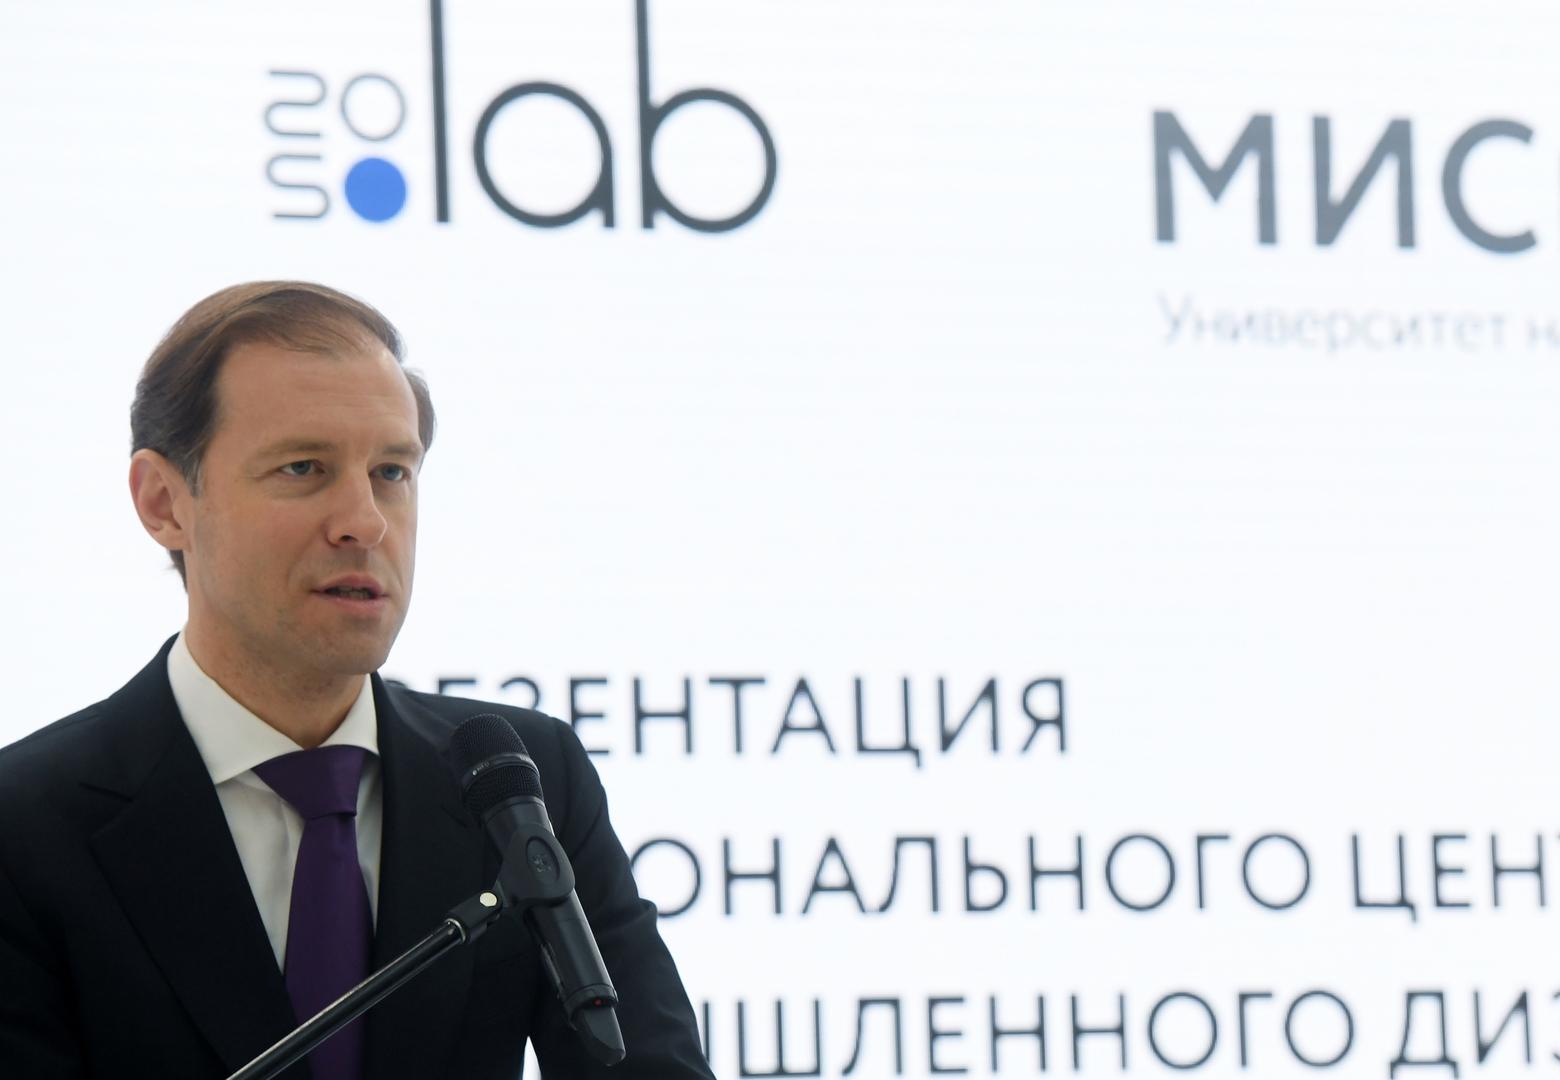 وزير التجارة والصناعة الروسيدنيس مانتوروف